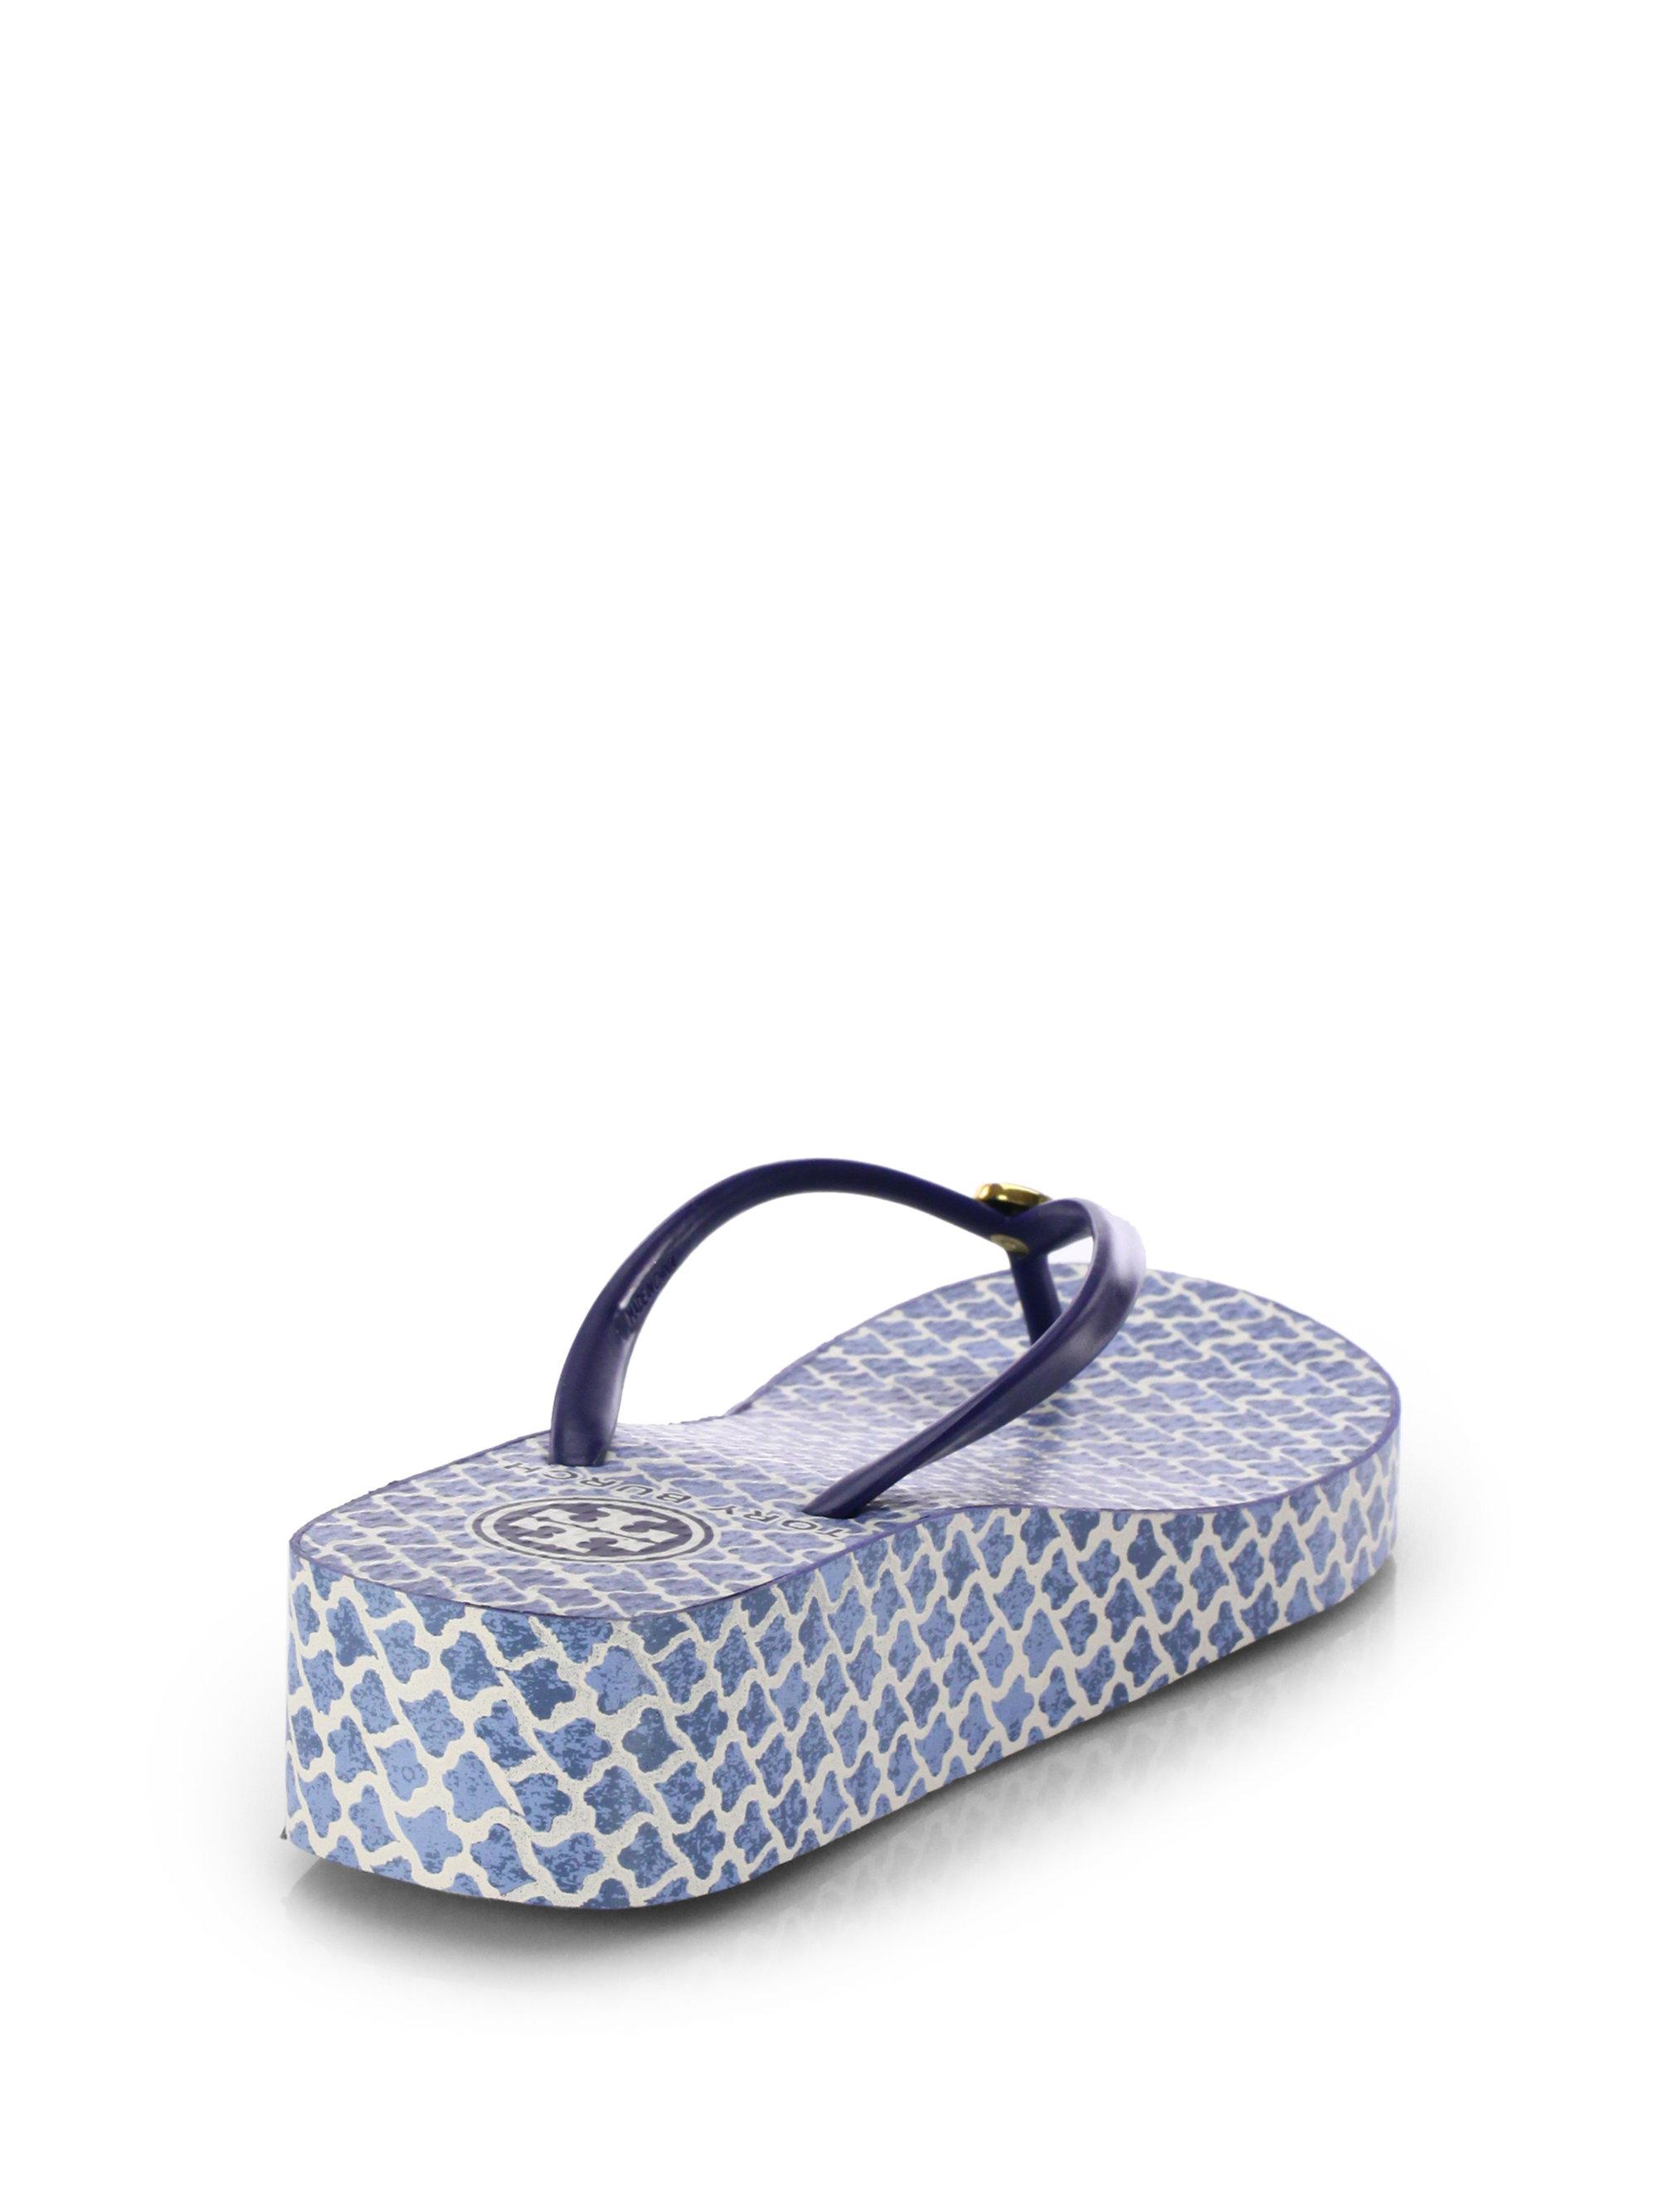 ee9c0ab904c4 Lyst - Tory Burch Thandie Wedge Flip Flops in Blue